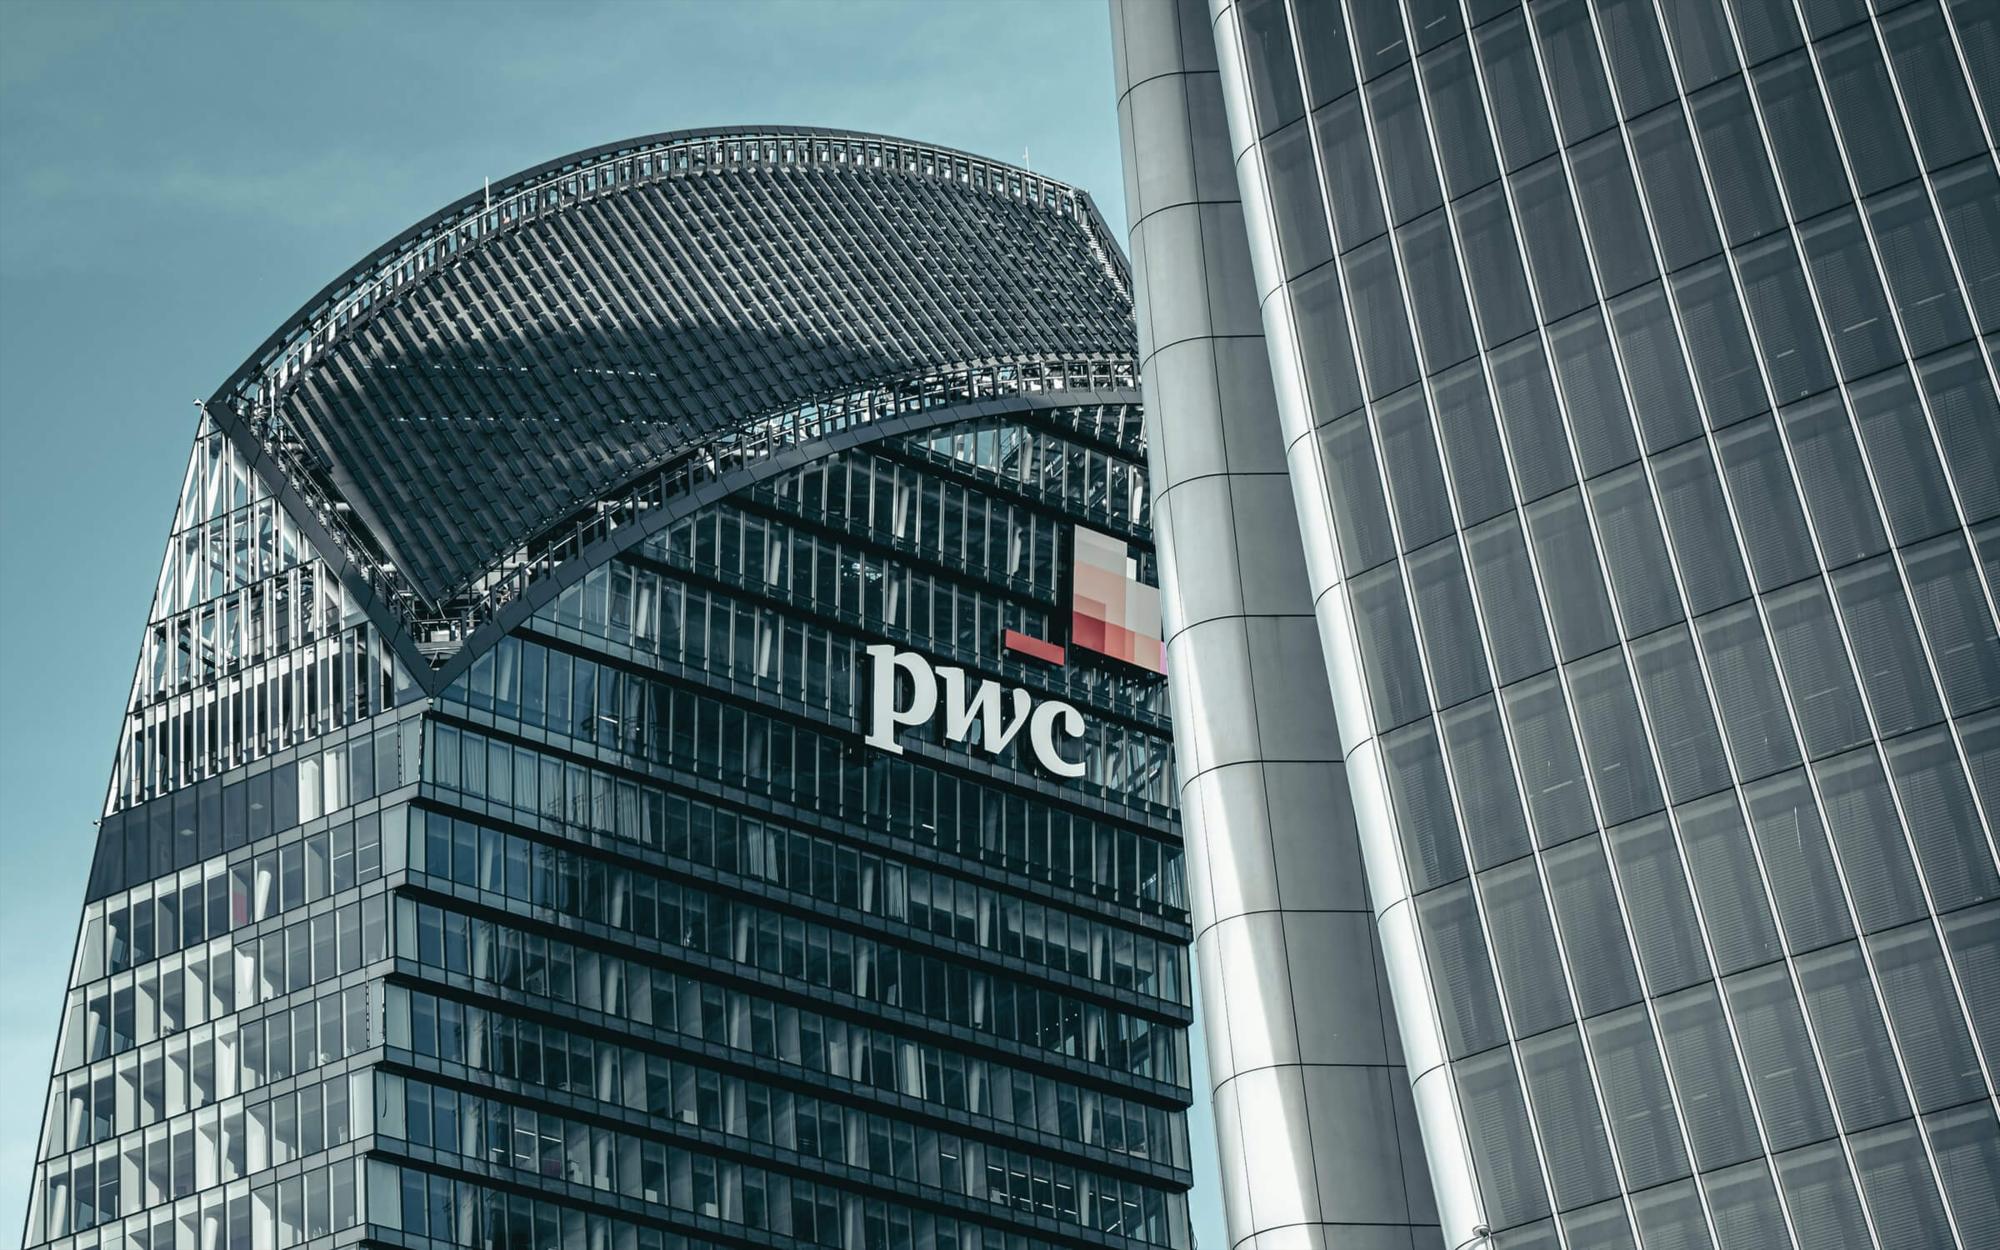 Bild PWC (Rechte bei Hopf)